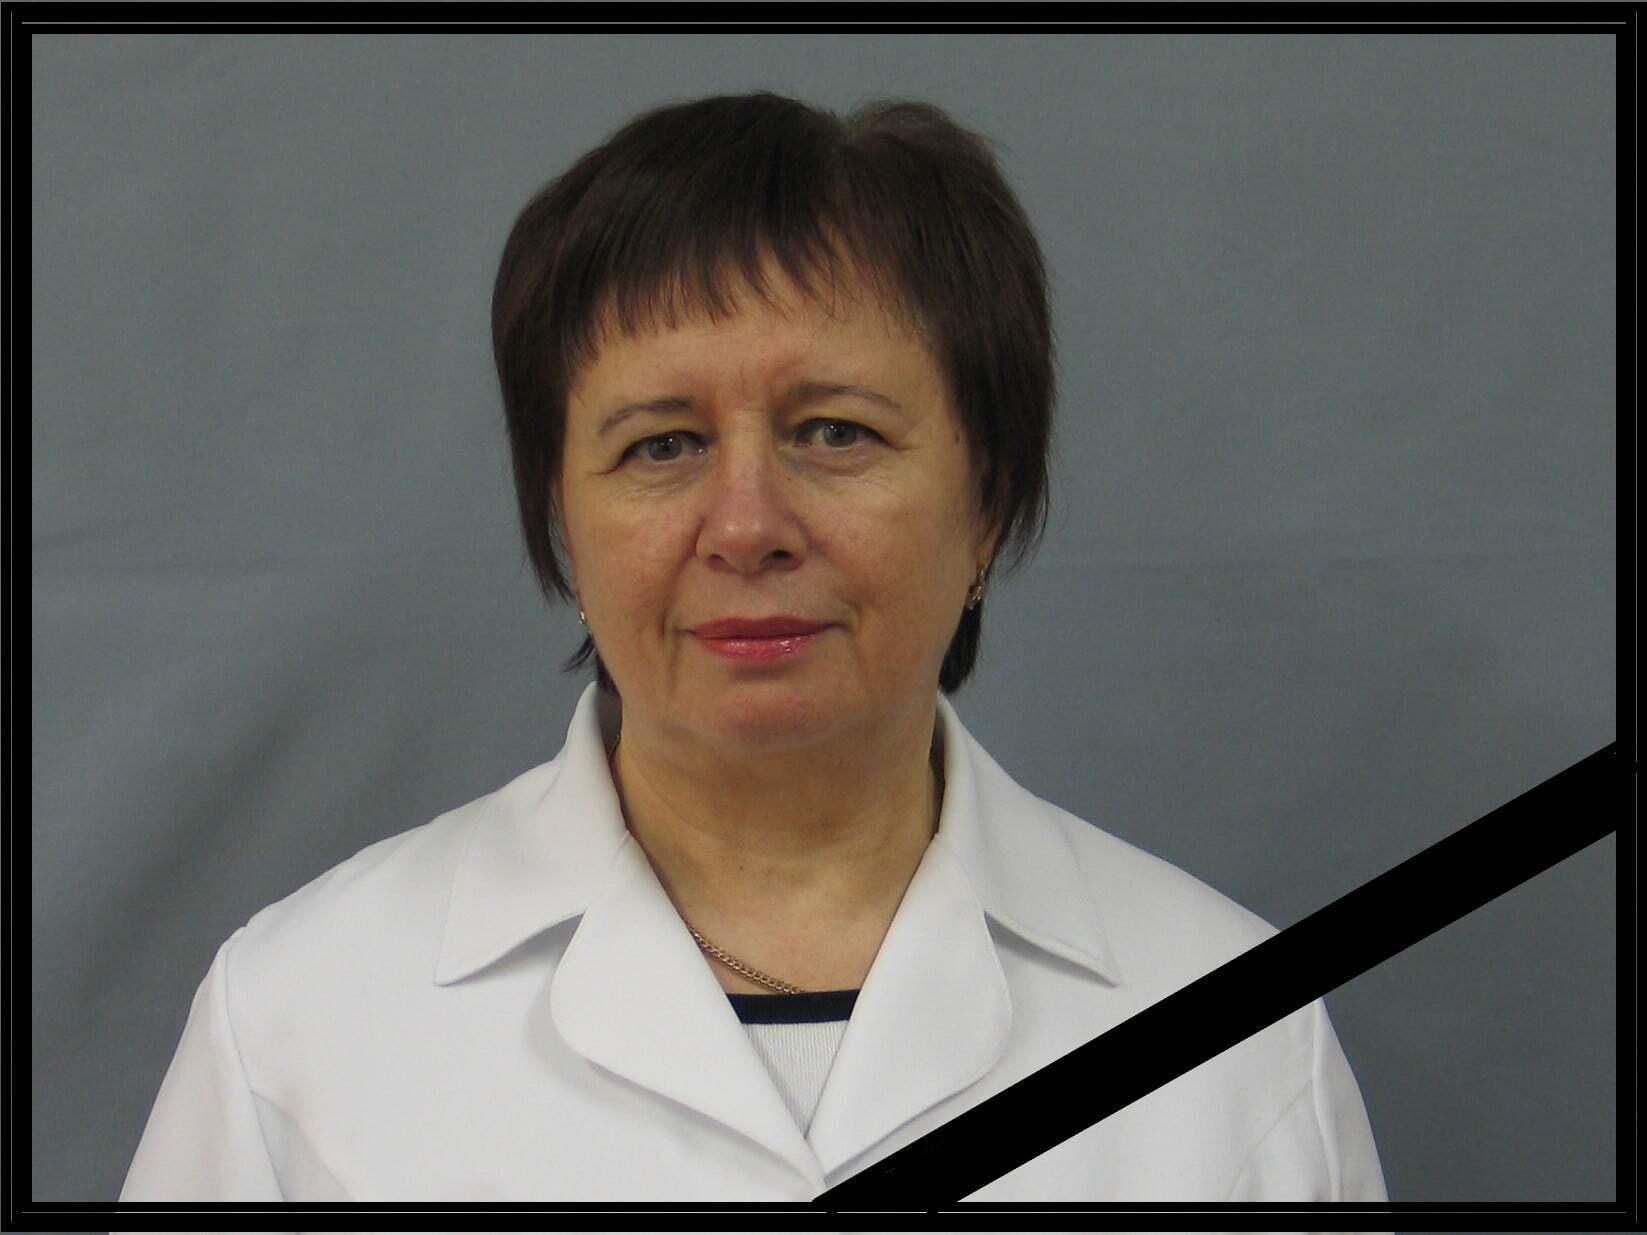 Лікарка-педіатр Лариса Сесь із Дніпра померла від COVID-19